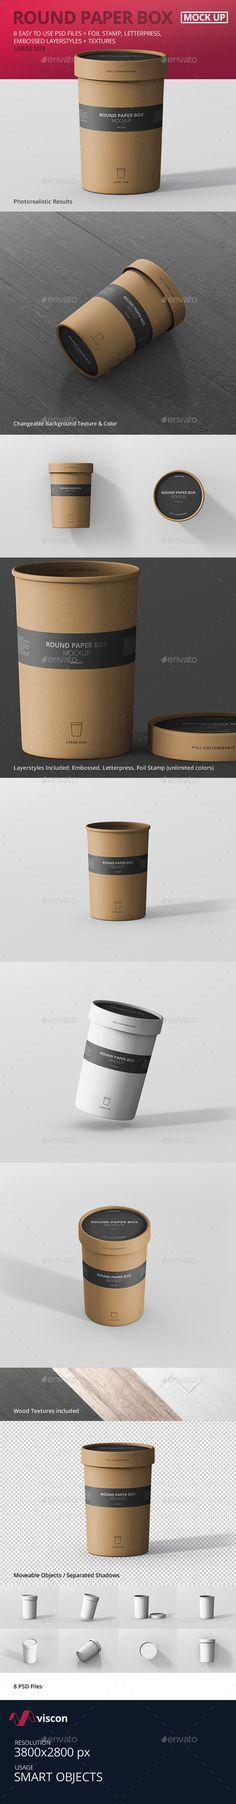 Ou uma embalagem que vira copo para tomar o café   Paper Box Mockup Round - Large Size by visconbiz Pixel Perfect Round Paper Box MockupEasy to customize large size round paper box mockup for print design, portfolio, showcase